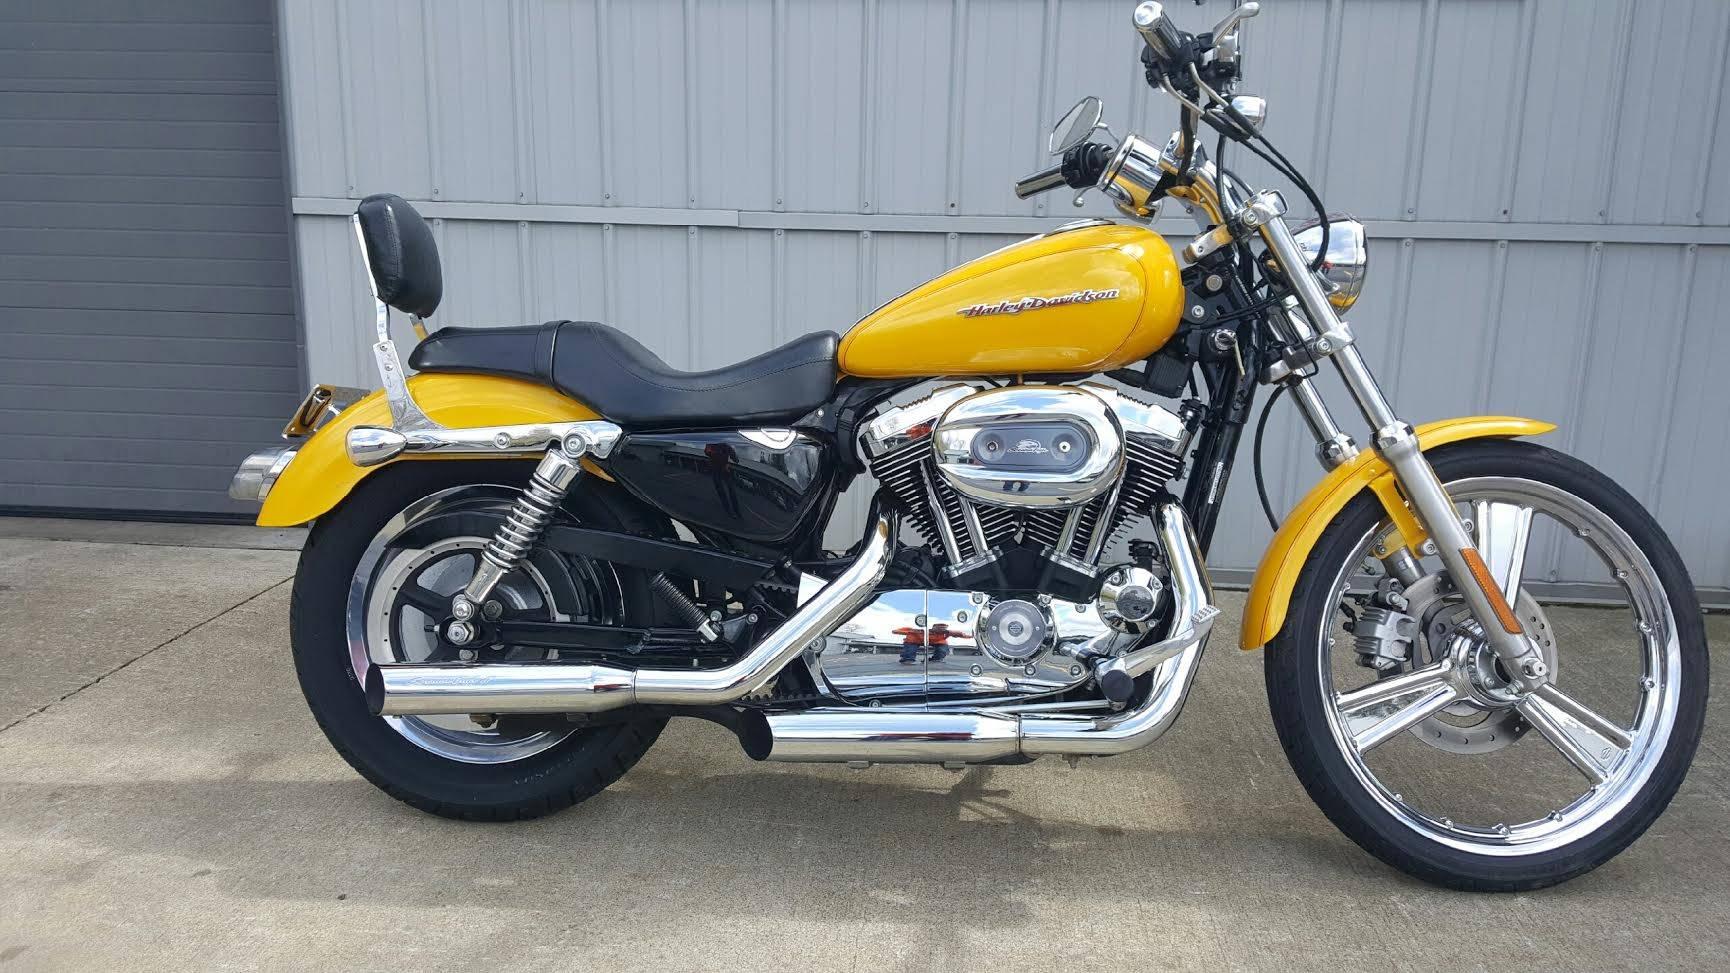 2006 Sportster 1200 Custom